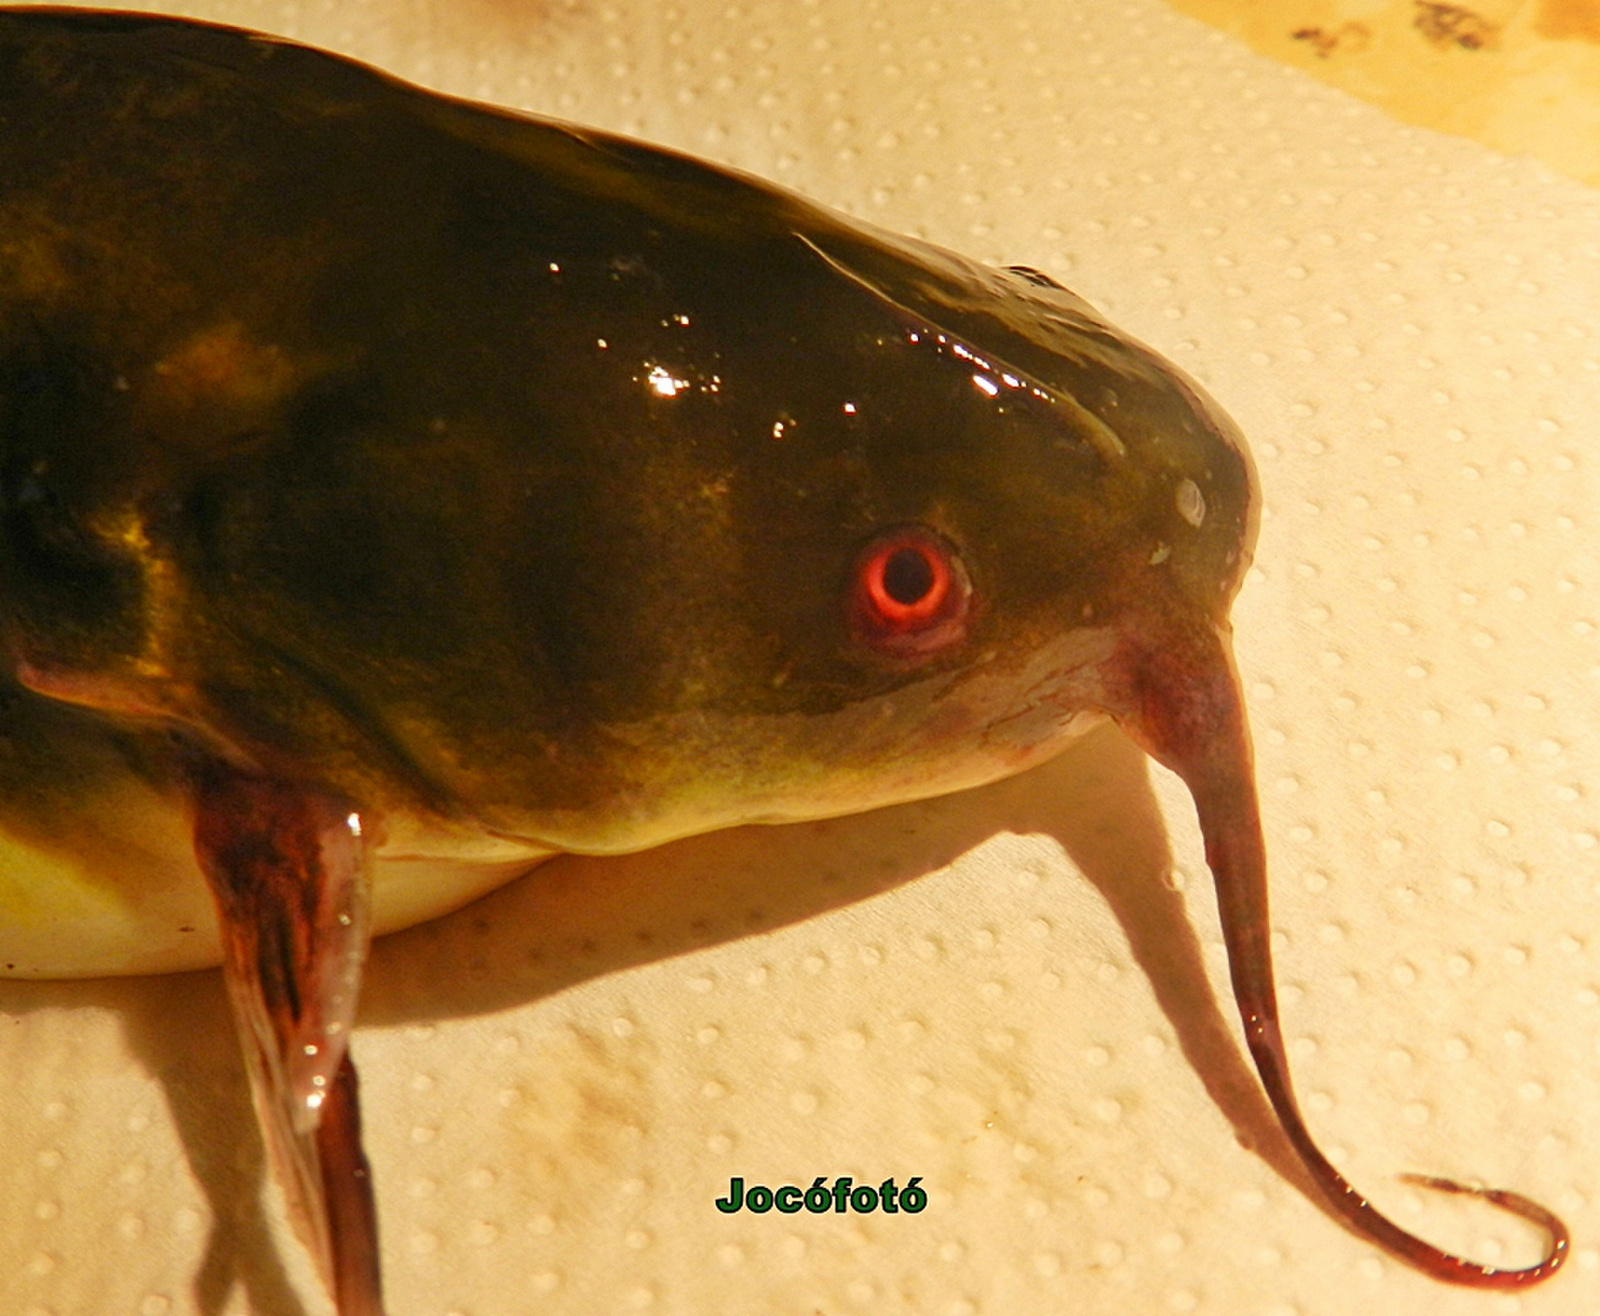 Piros szemű törpeharcsa 9817